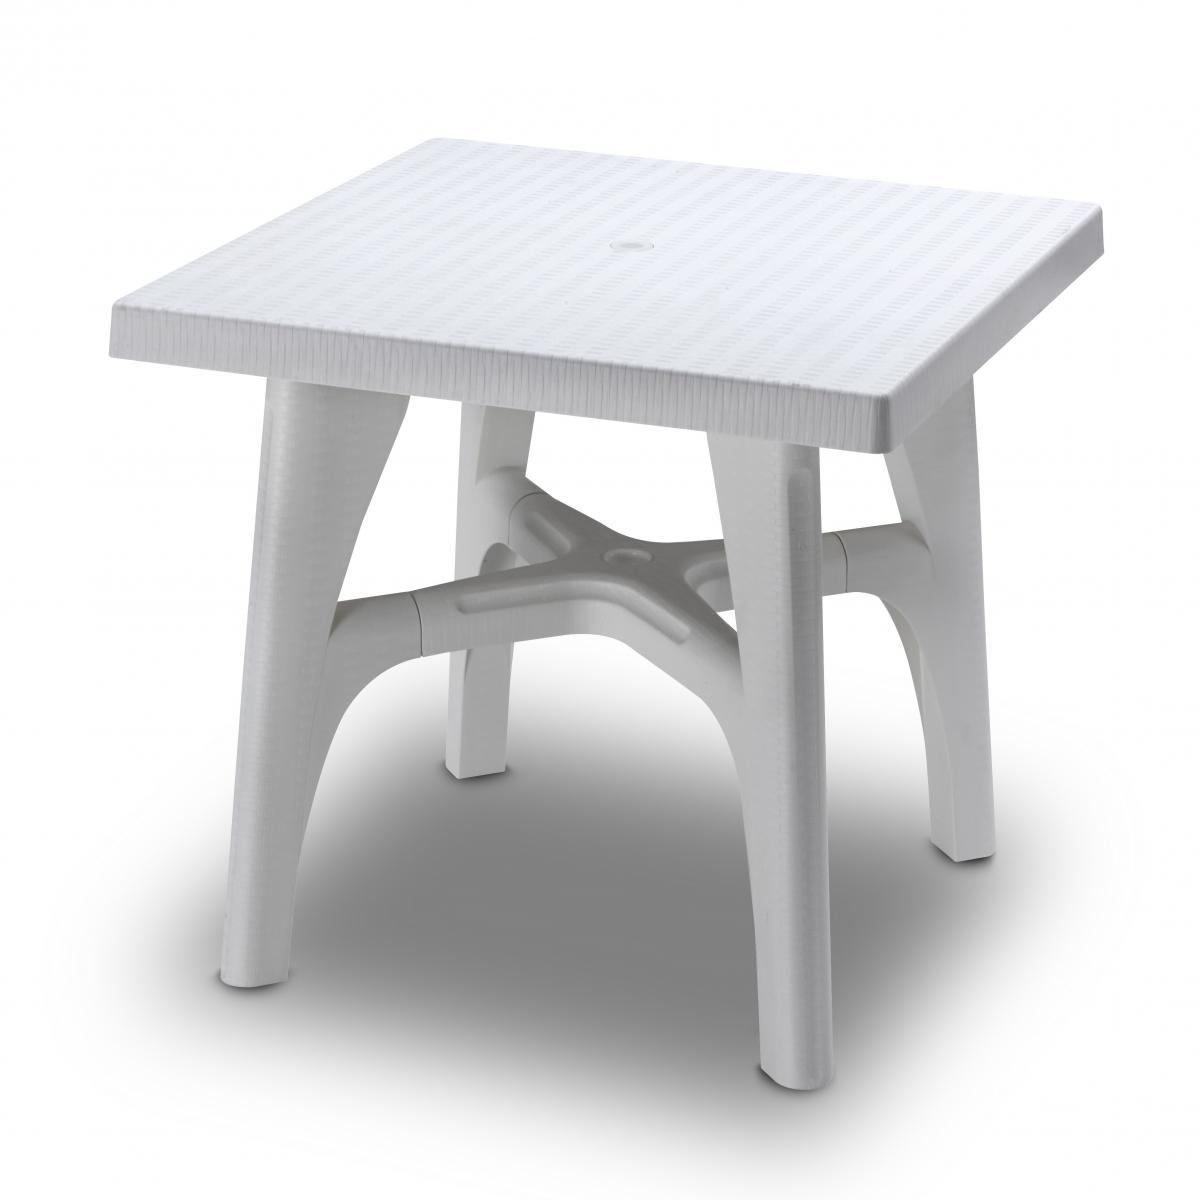 Стол пластиковый обеденный Intrecciato 80